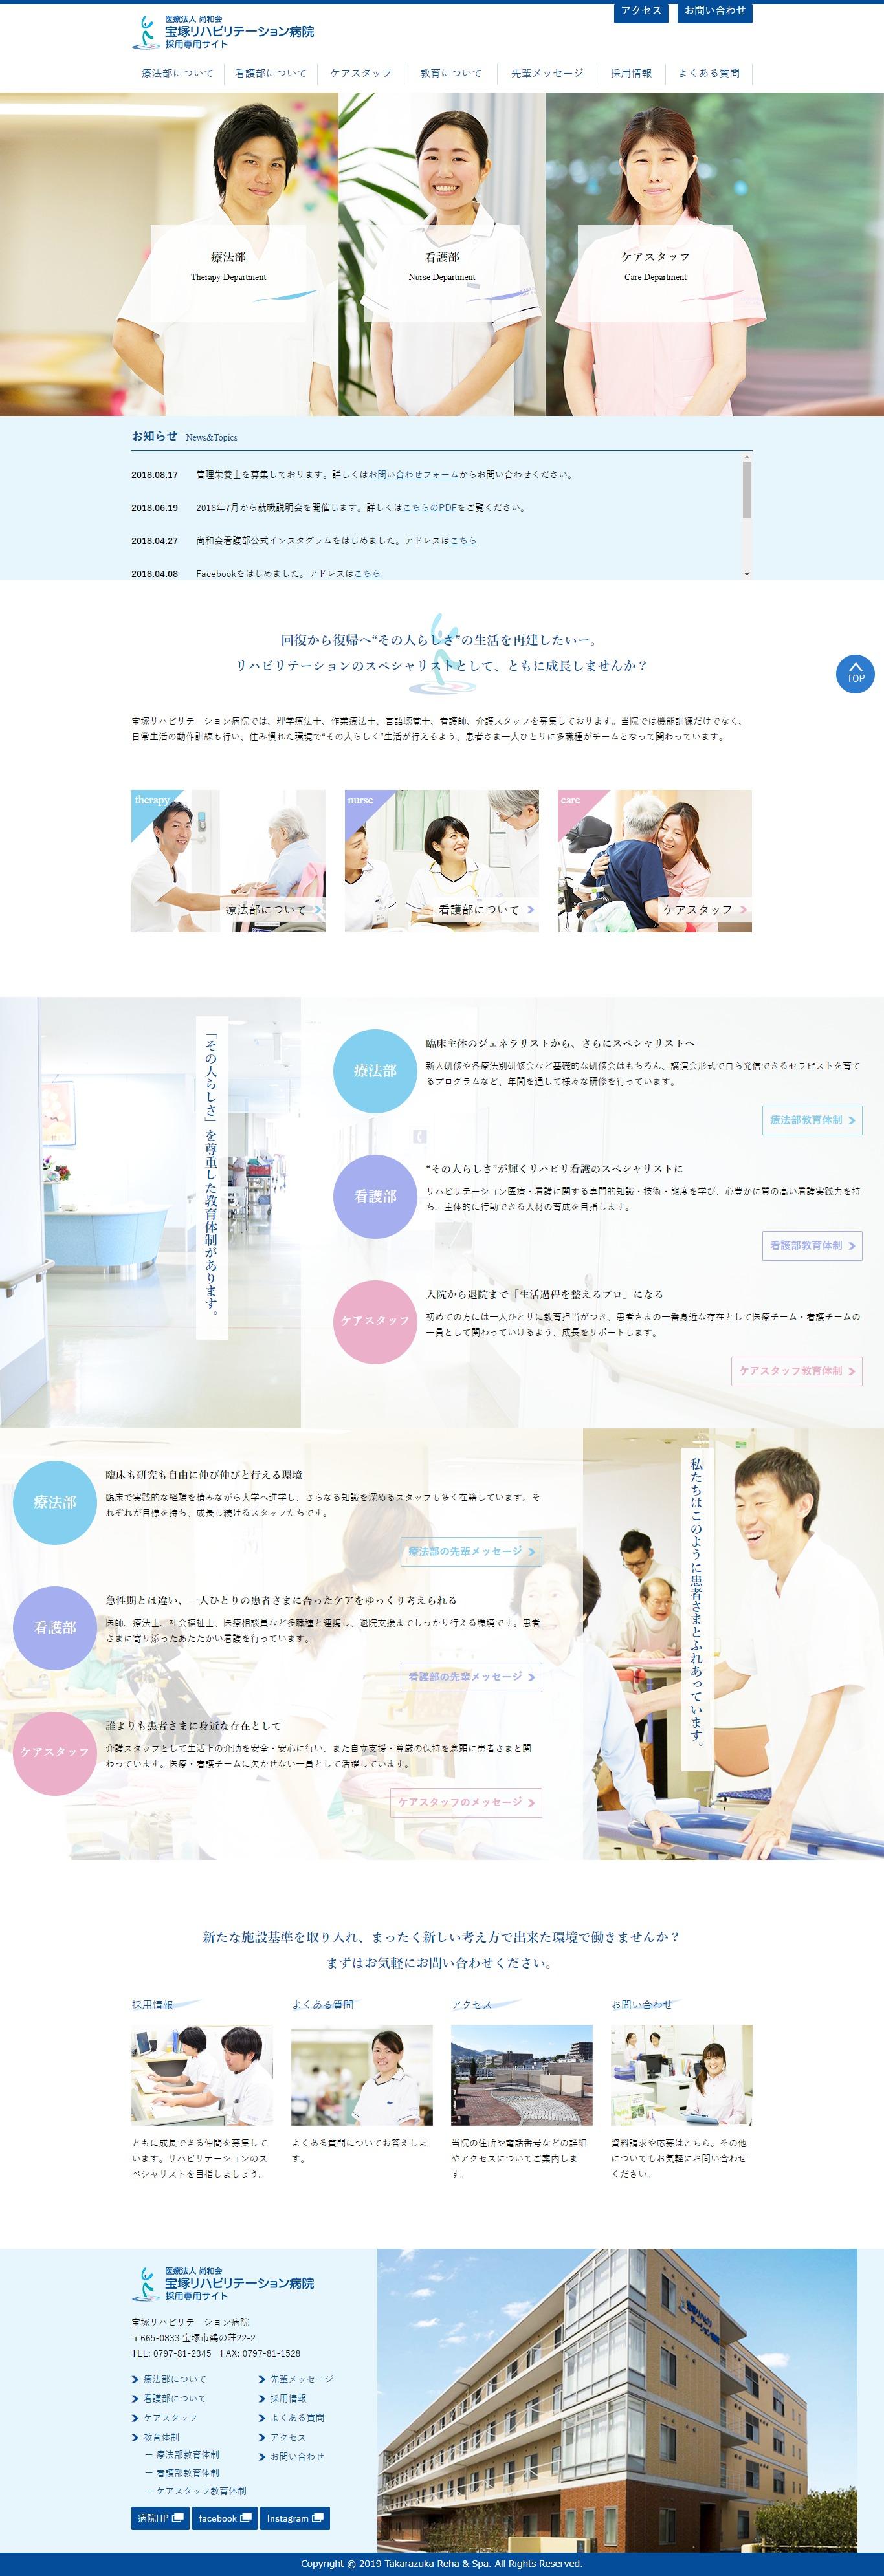 2017年11月作成「宝塚リハビリテーション病院」リクルートサイト